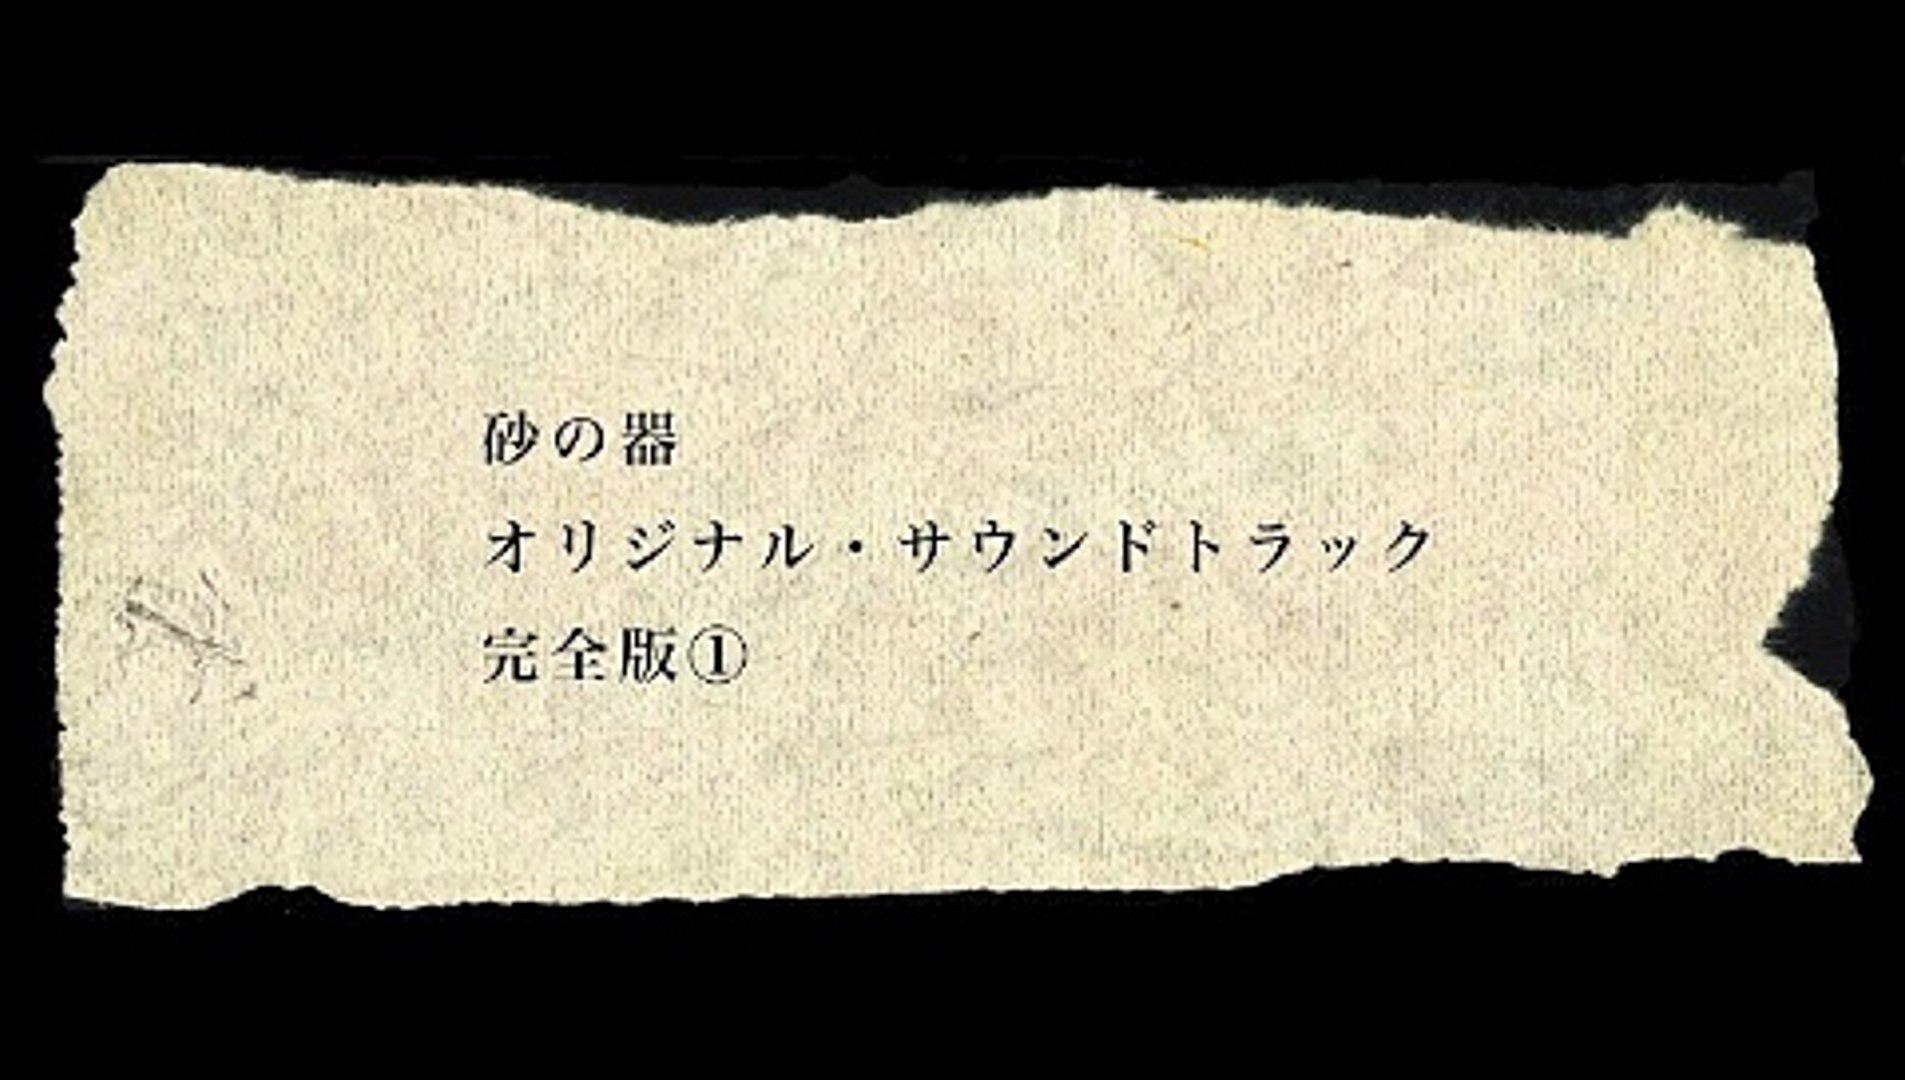 砂の器(1974年)完全版①